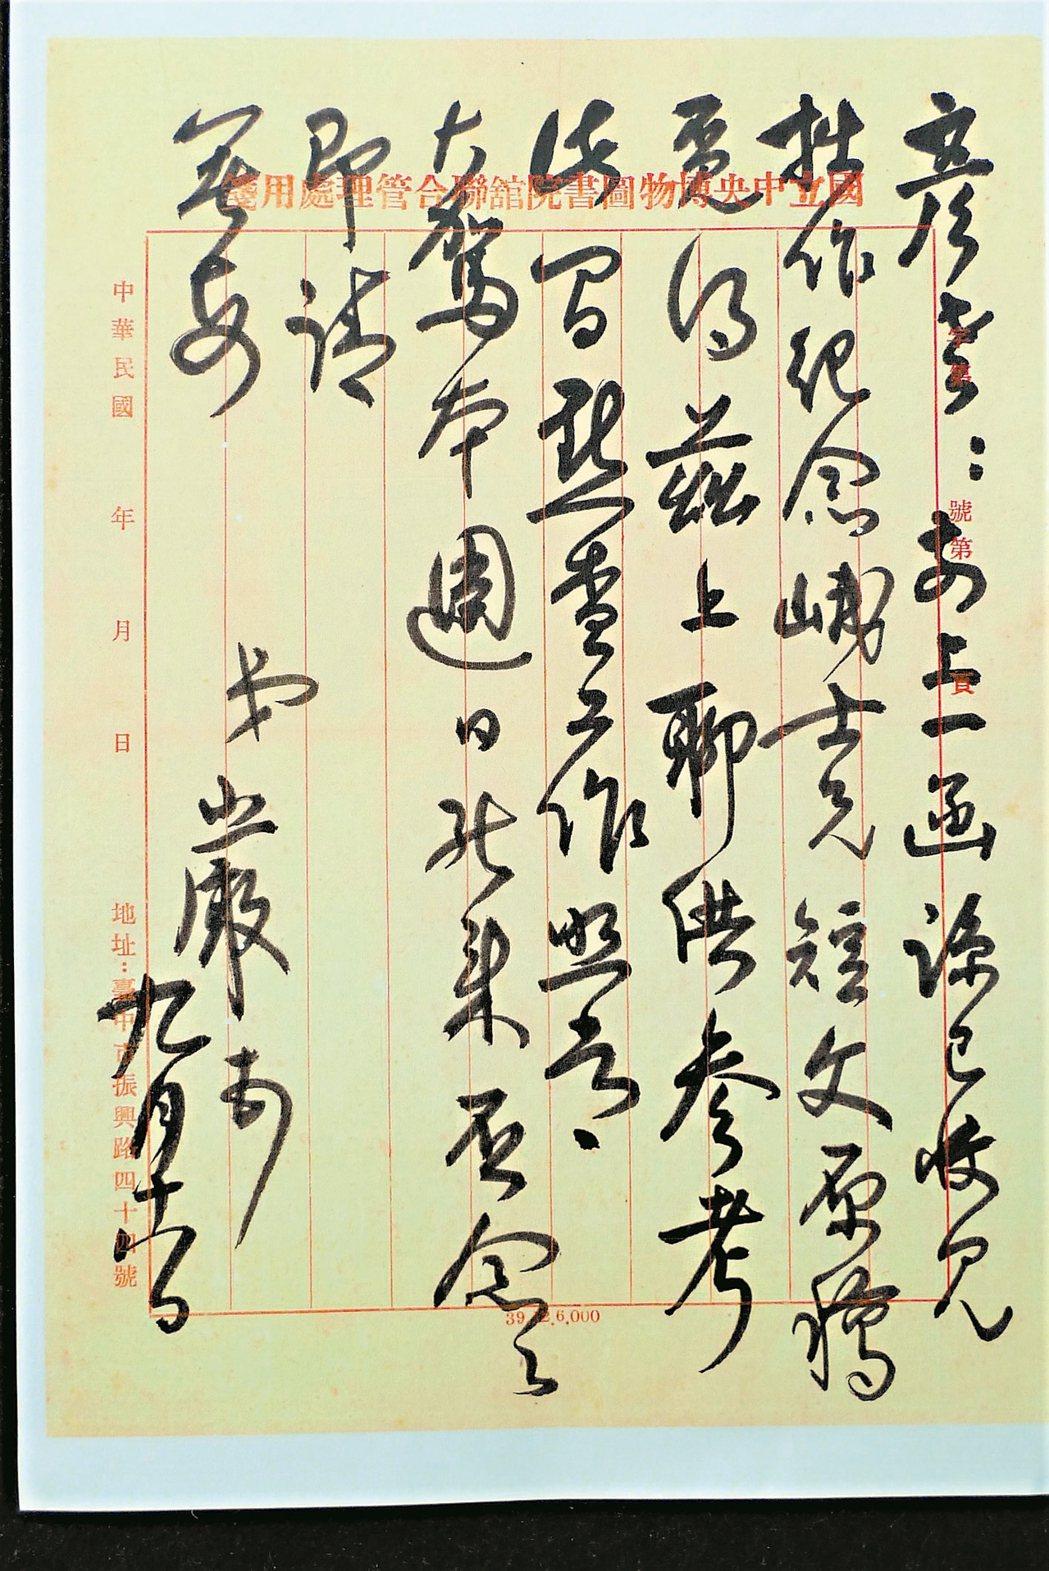 圖三:民國四十一年九月十八日,莊嚴致董作賓行草書信。 莊靈提供